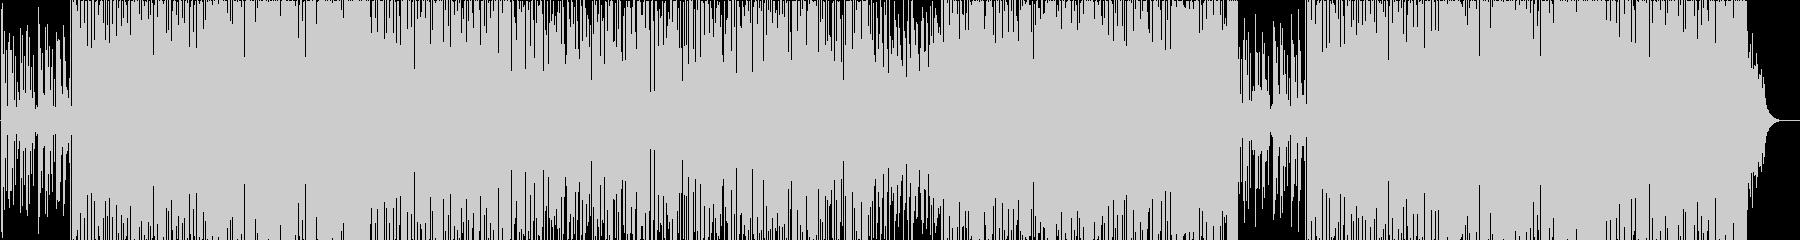 トランペットが軽やかなスムースジャズの未再生の波形